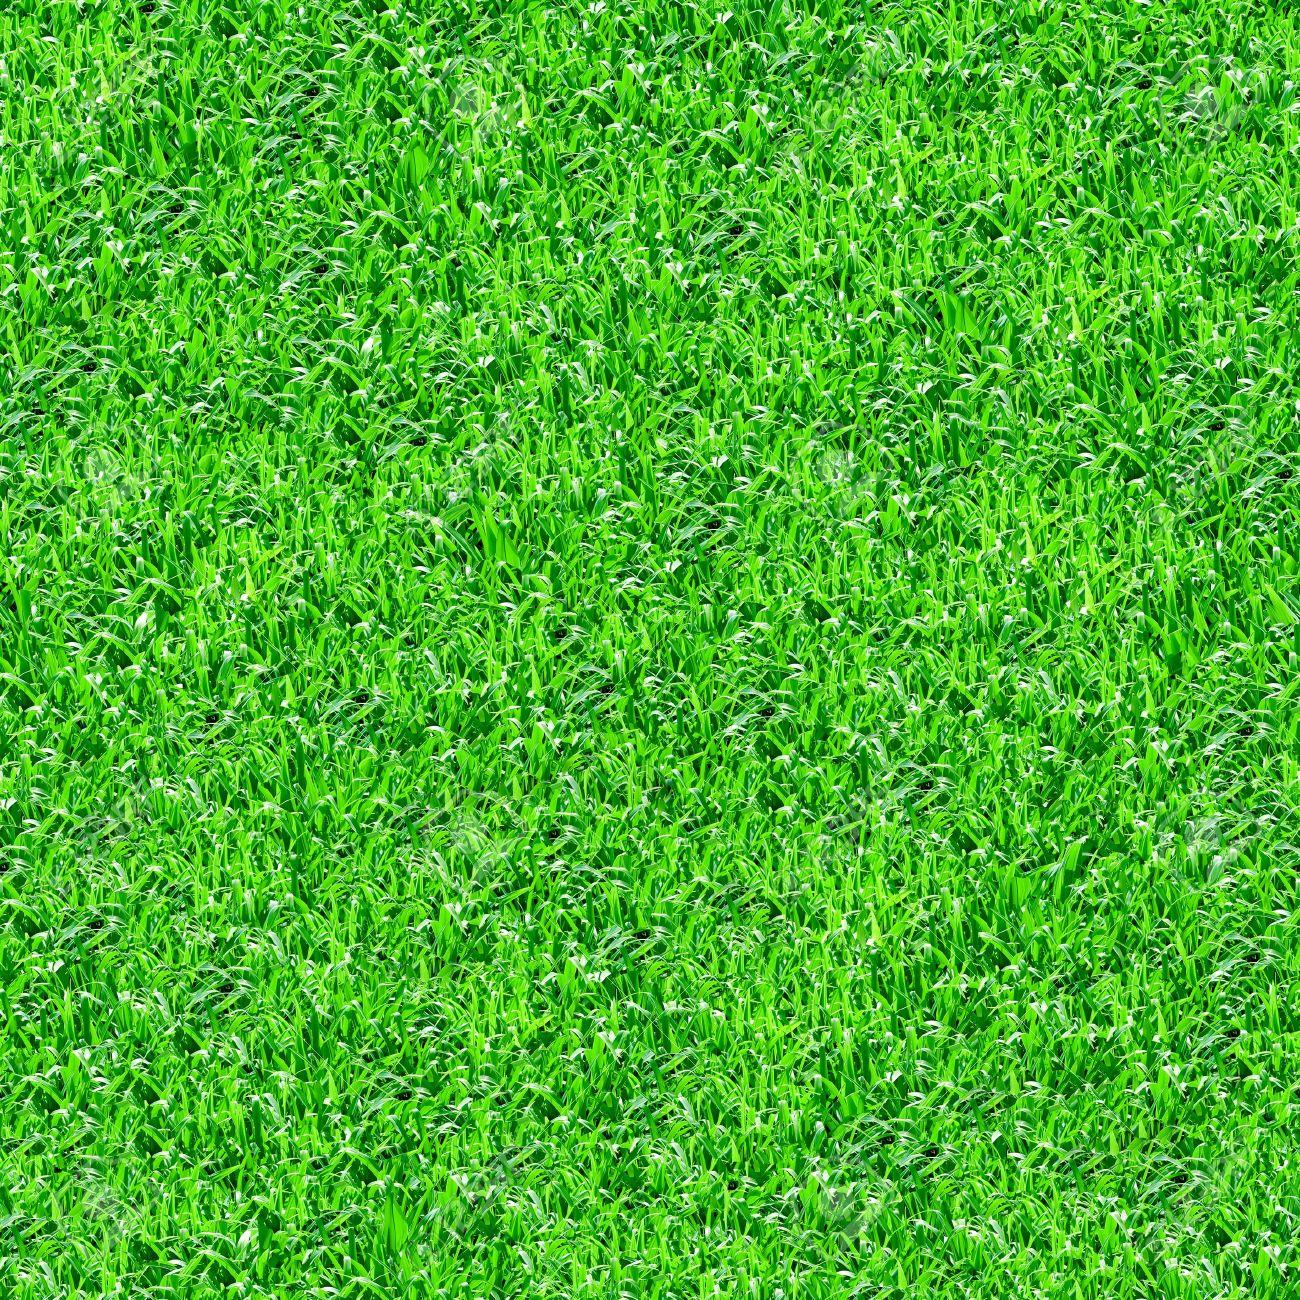 Immagini Stock Senza Soluzione Di Continuità Verde Erba Texture Di